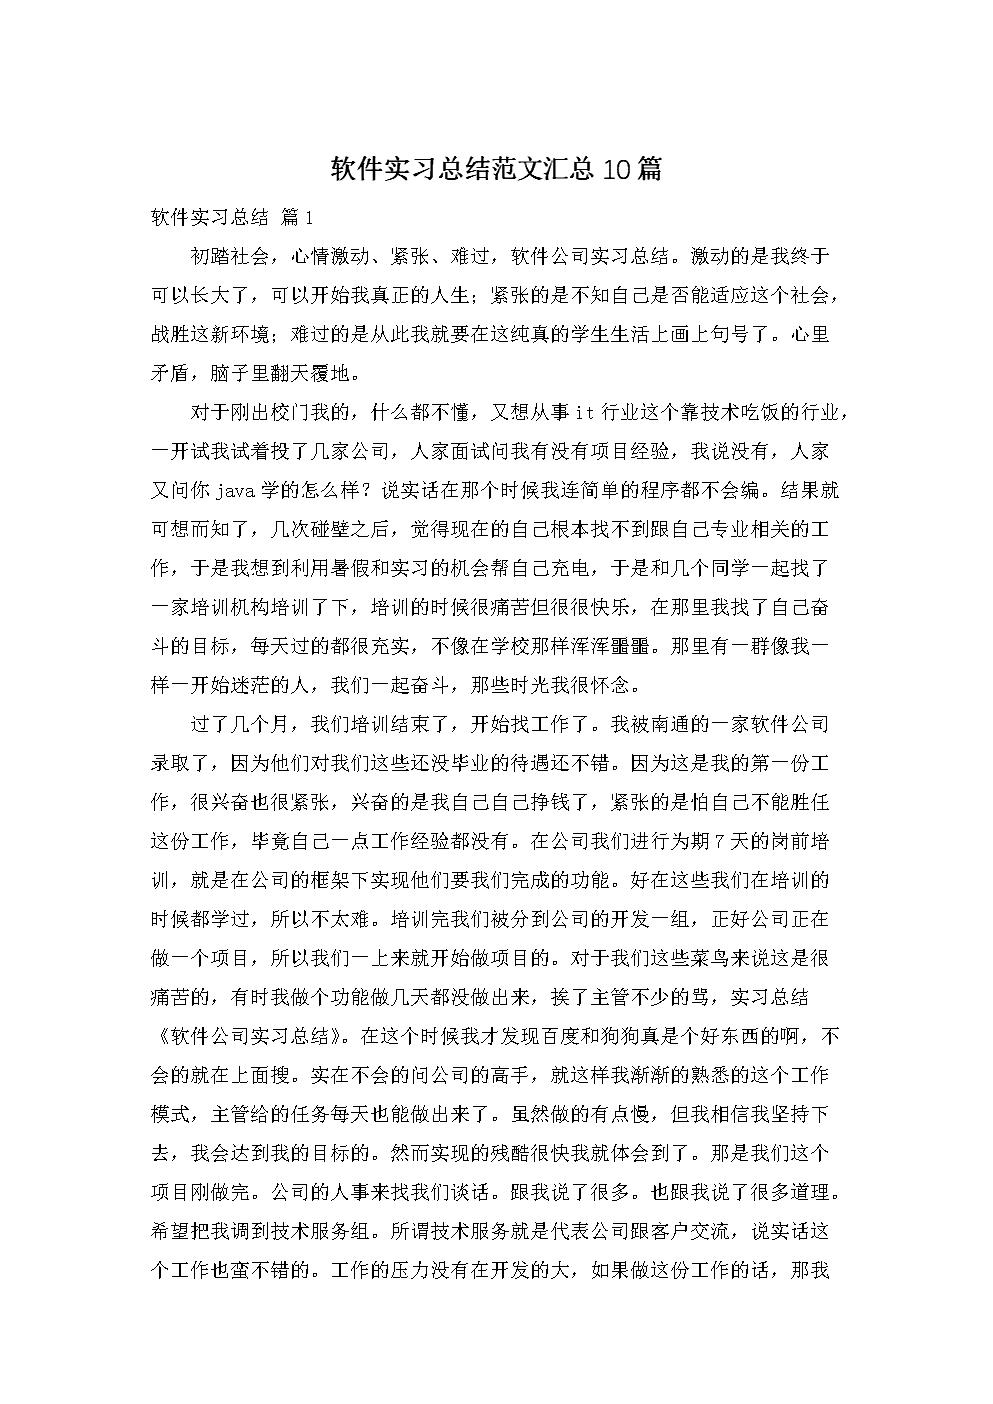 软件实习总结范文汇总10篇精选.doc